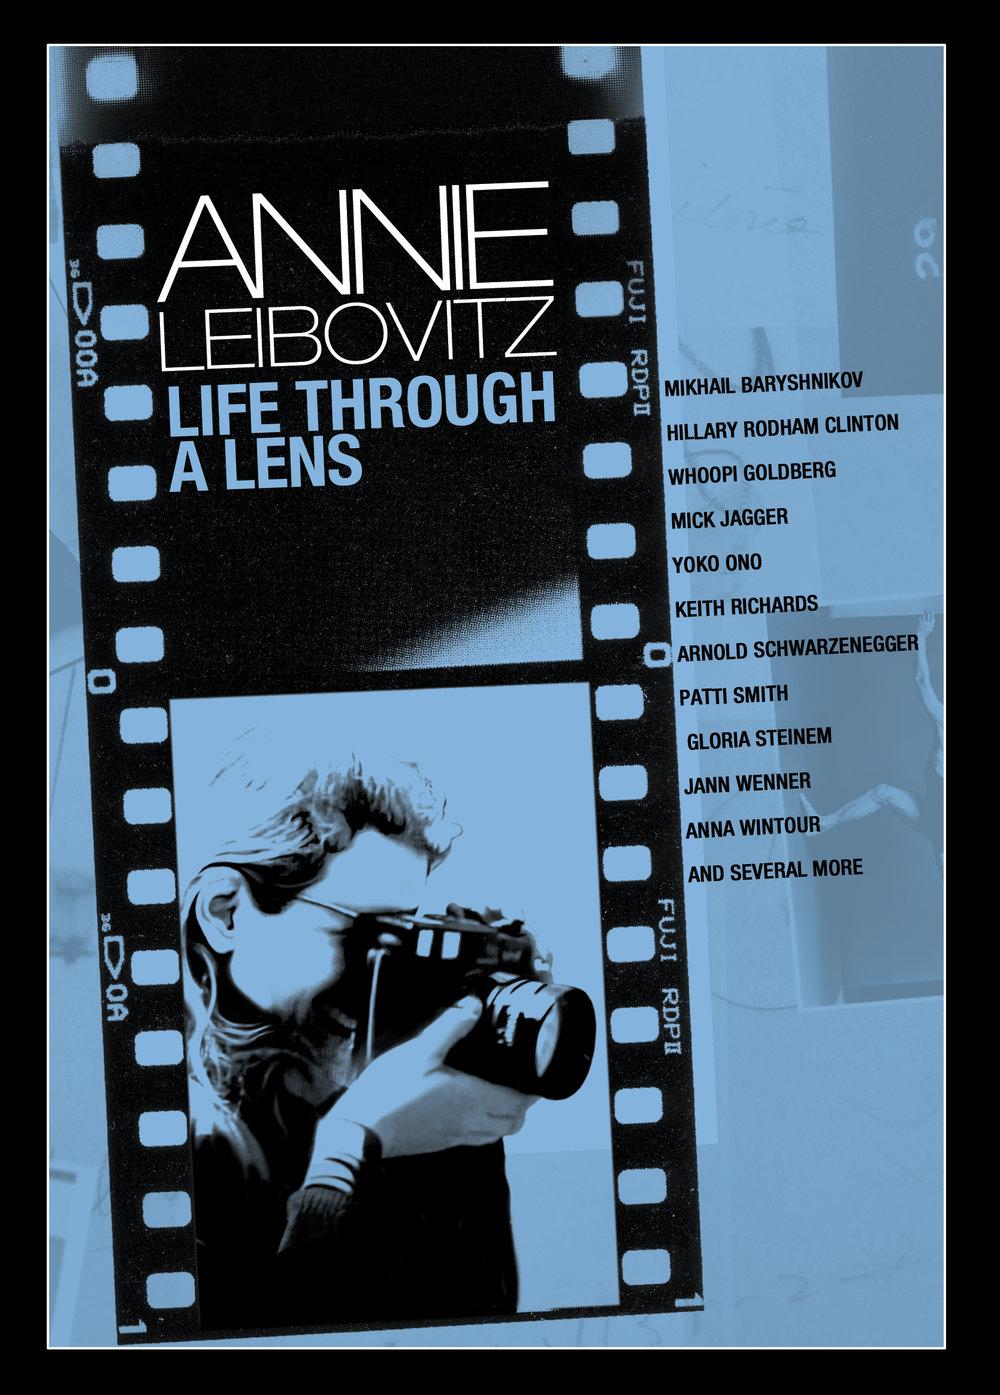 annie_DVD2.jpg